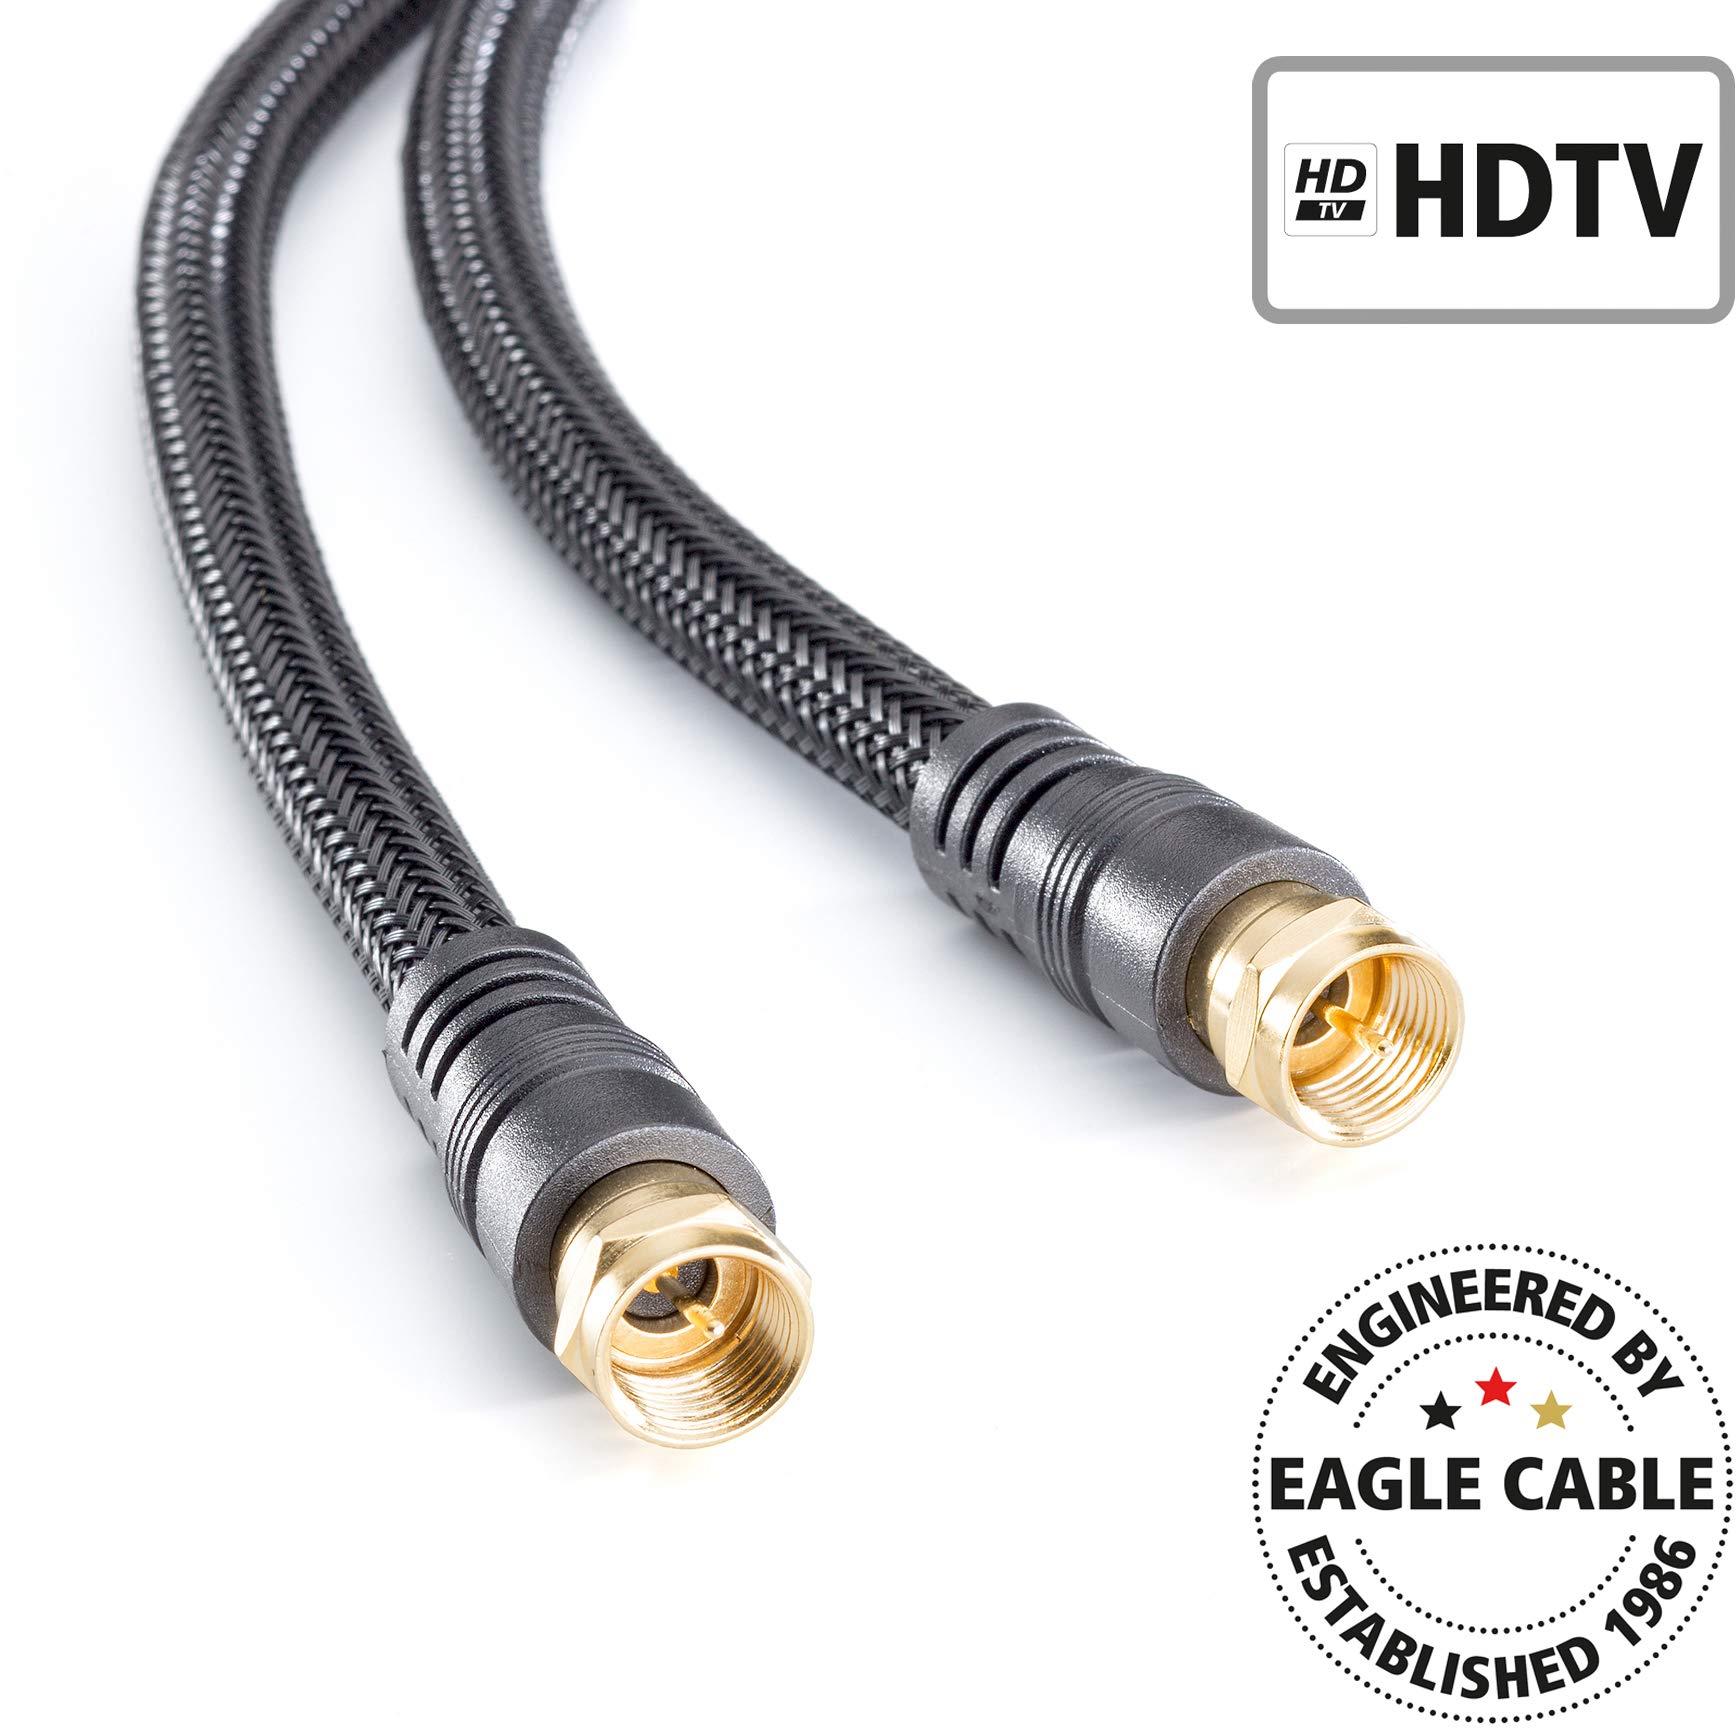 Inakustik Deluxe - Cable coaxial de antena (conectores F, diseñado para televisores de alta definición, 100 dB, apantallamiento triple), color negro 1,6 m Negro: Amazon.es: Electrónica